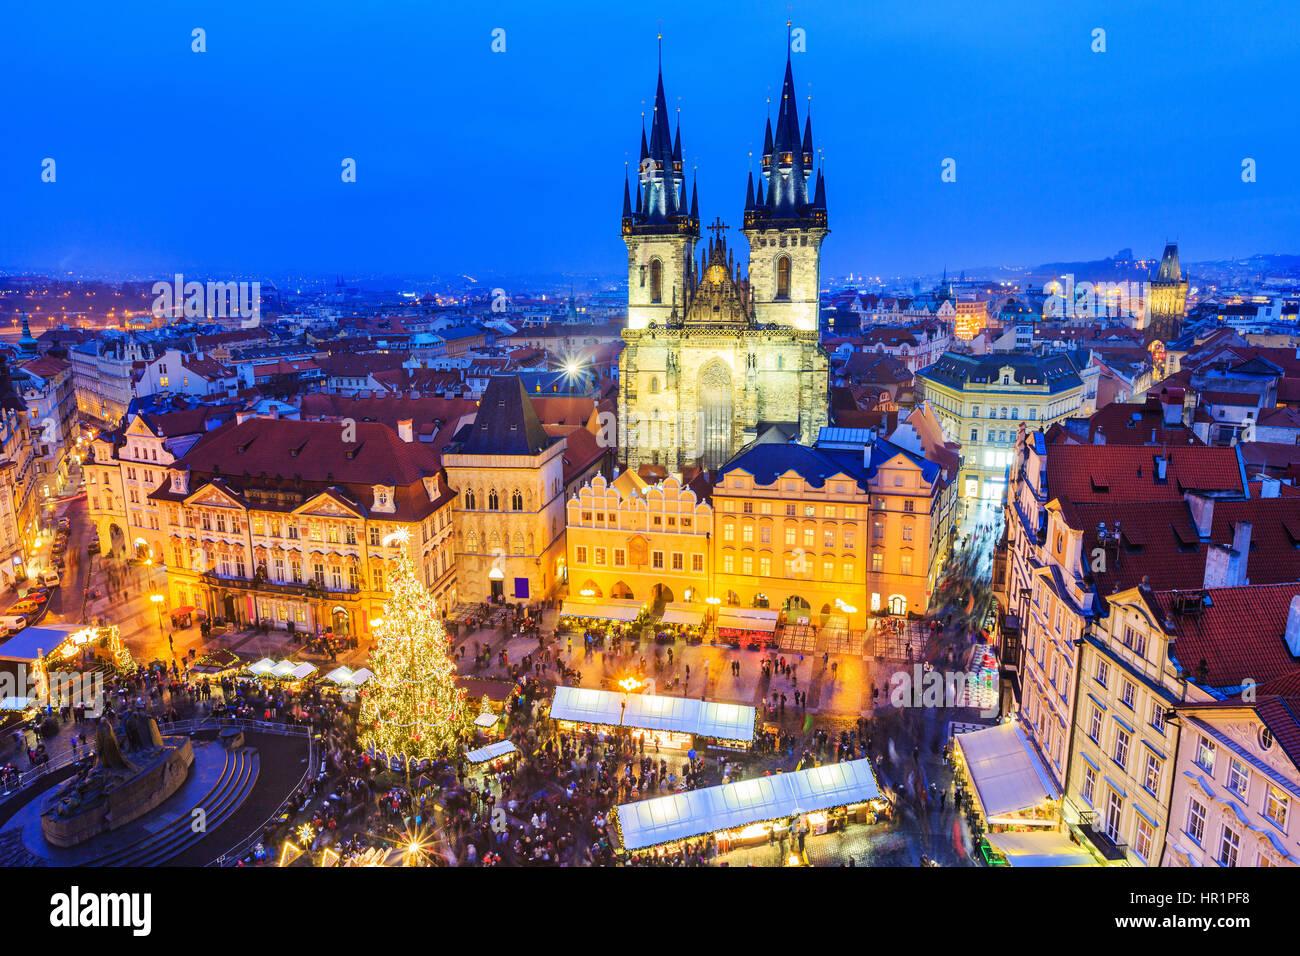 Praga, República Checa Repubilc. Mercado navideño en la Plaza de la Ciudad Vieja. Imagen De Stock